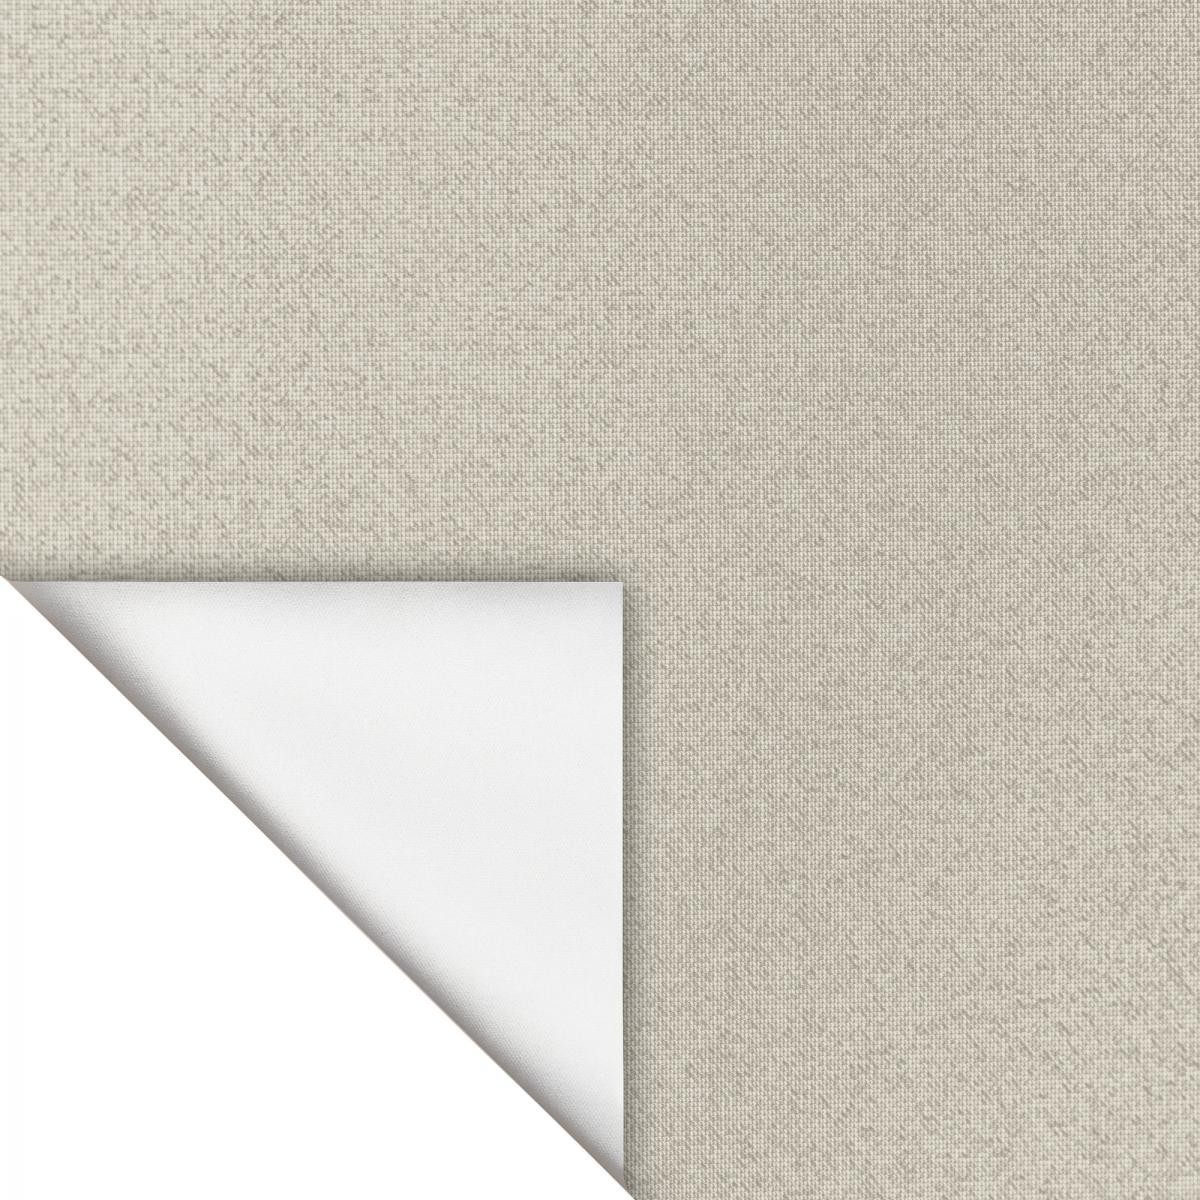 Bild 4 von Lichtblick Dachfenster Sonnenschutz Haftfix, ohne Bohren, Verdunkelung, Beige, 47 cm x 91,5 cm (B x